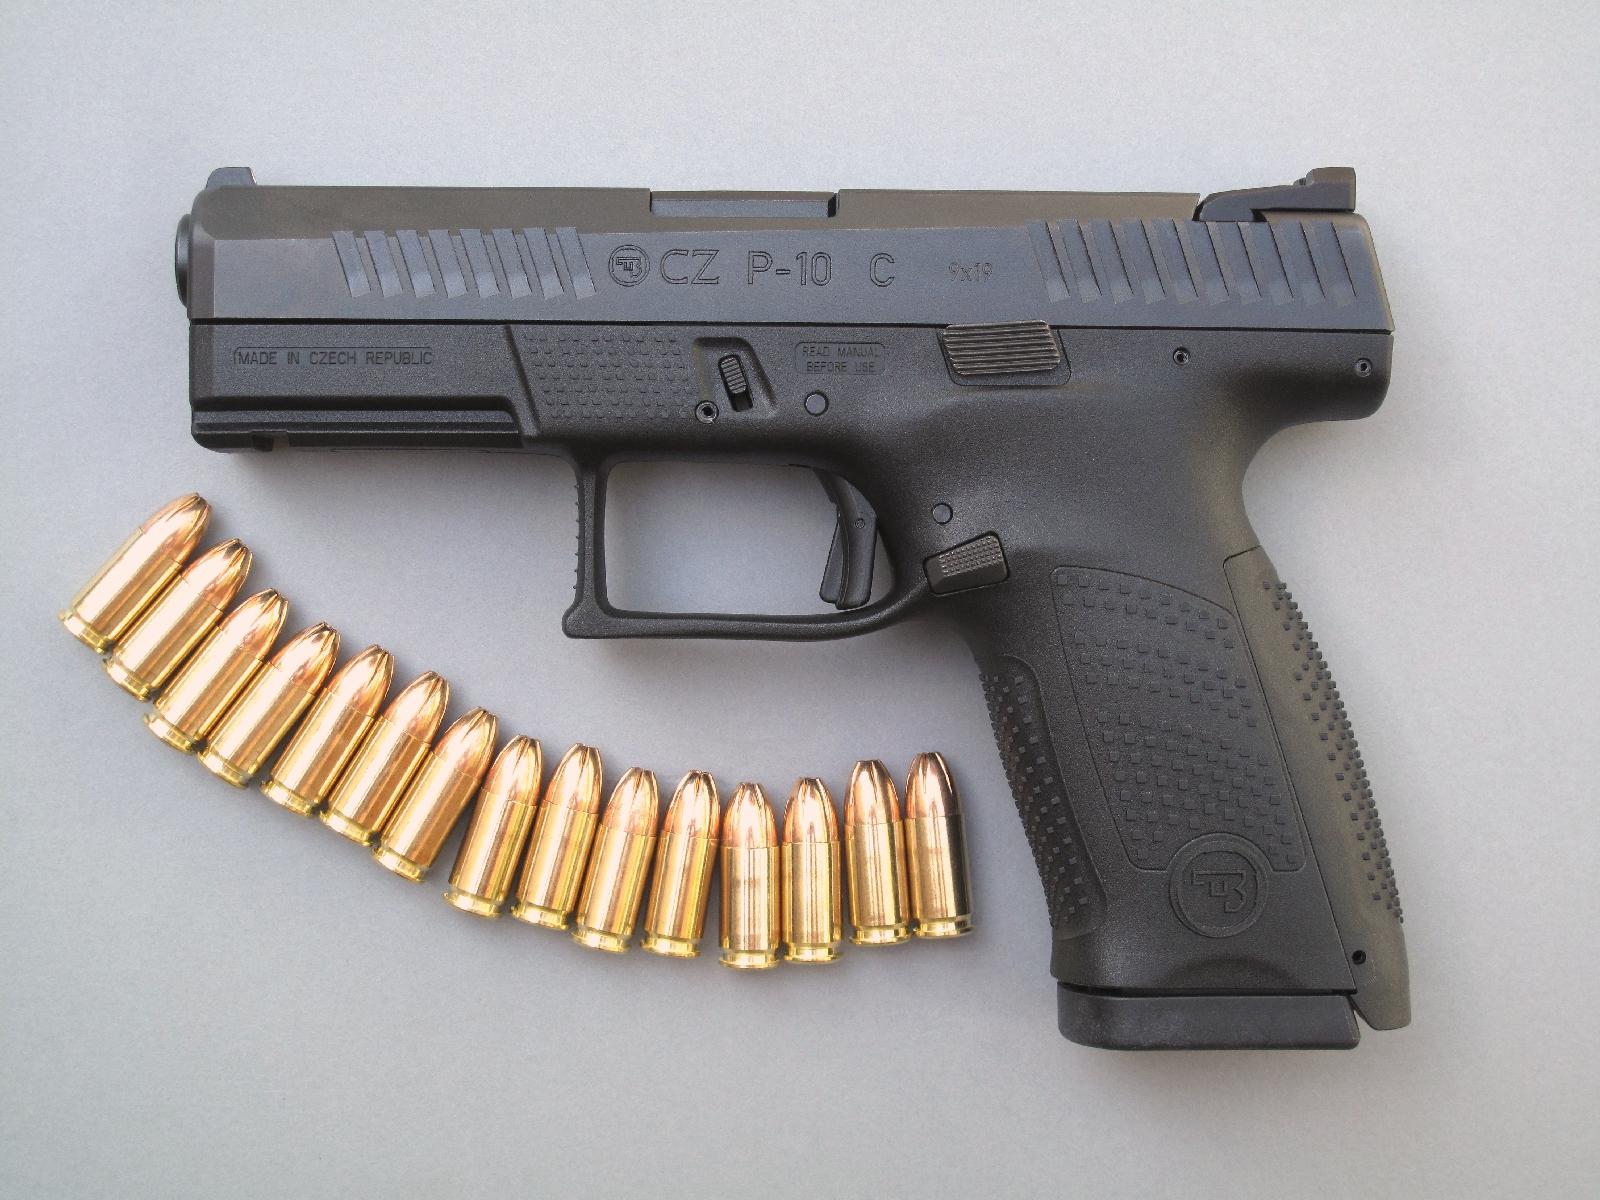 Le talon plat, qui procure au chargeur une capacité de 15 coups, permet de diminuer au maximum l'encombrement de ce pistolet compact.